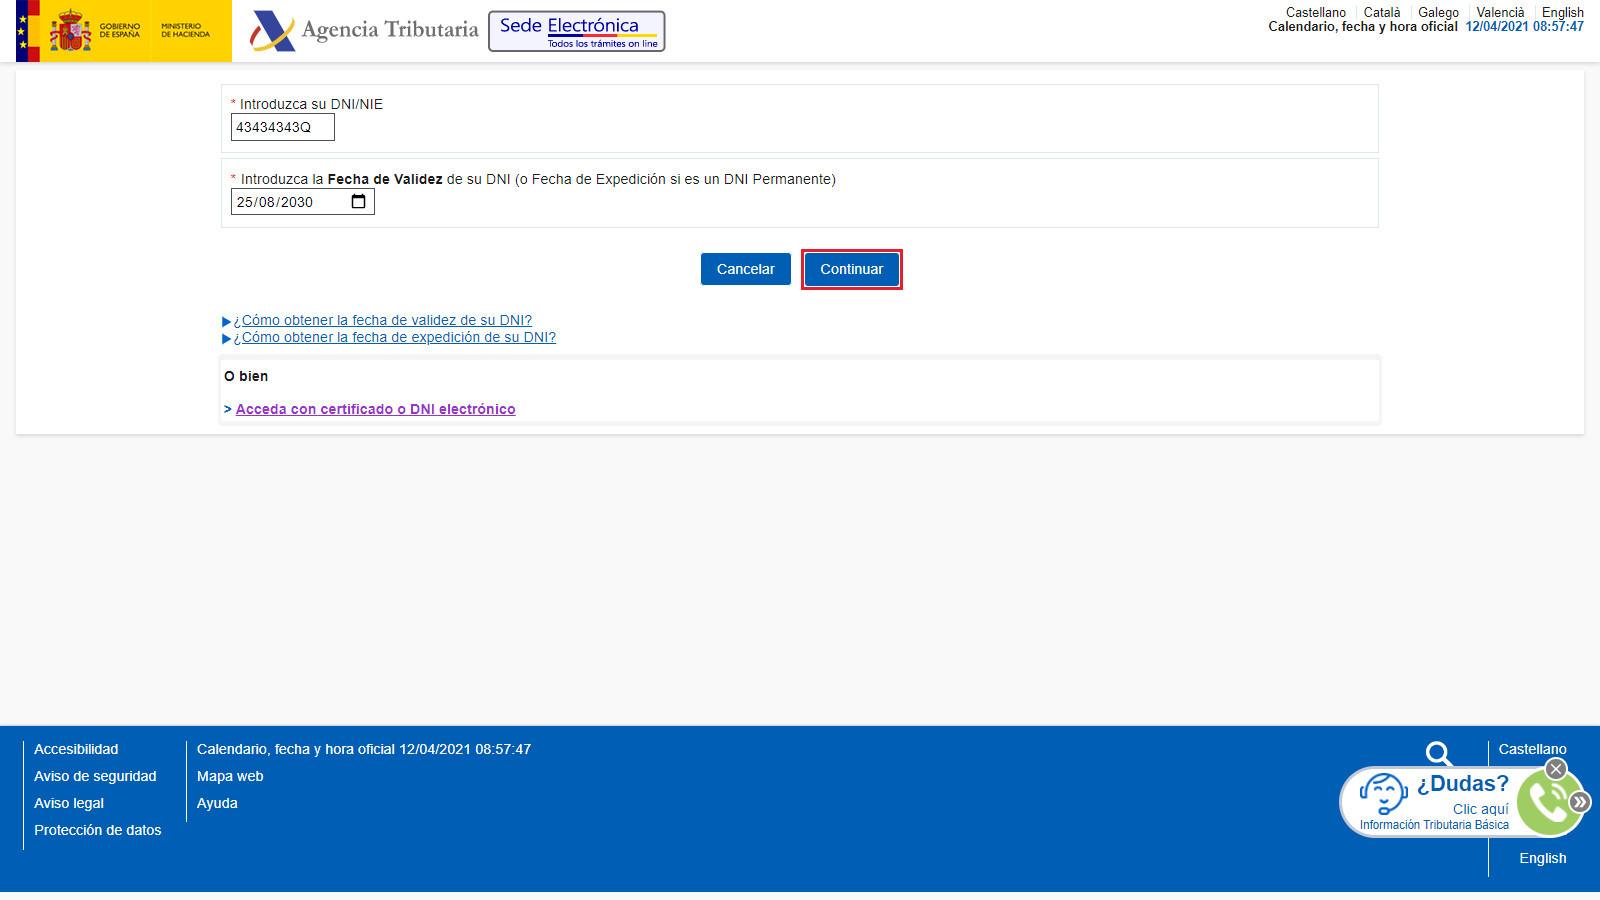 Presentacion Telematica con Numero de Referencia Web AEAT NIF y Fecha